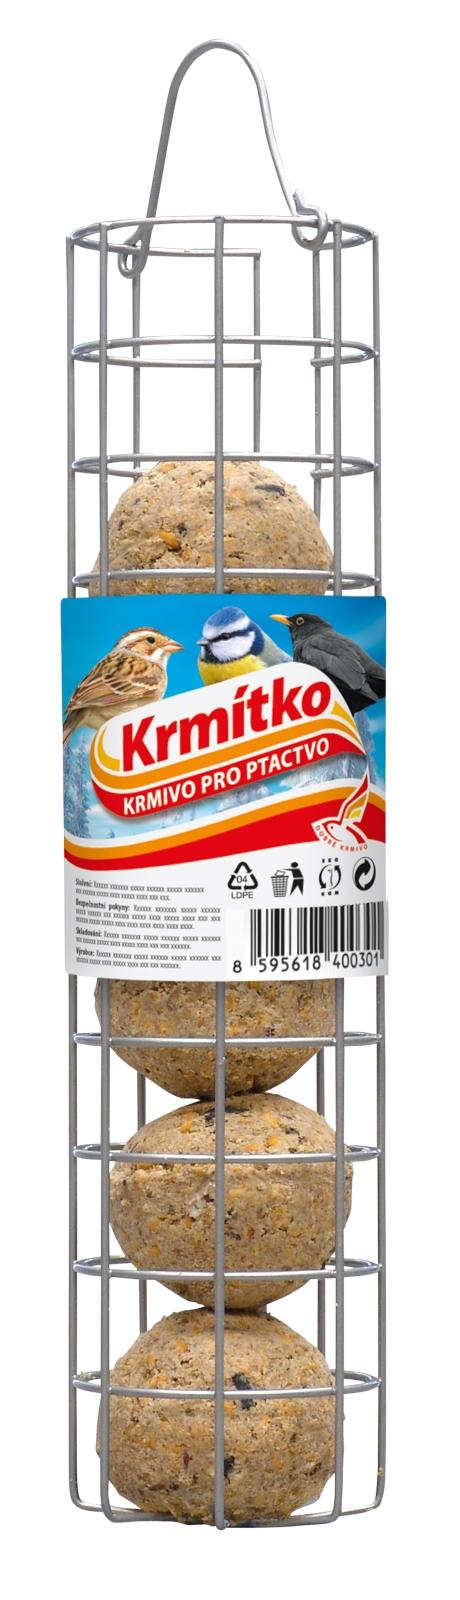 FORESTINA Krmivo pro ptactvo - Závěsný zásobník na lojové koule KRMÍTKO